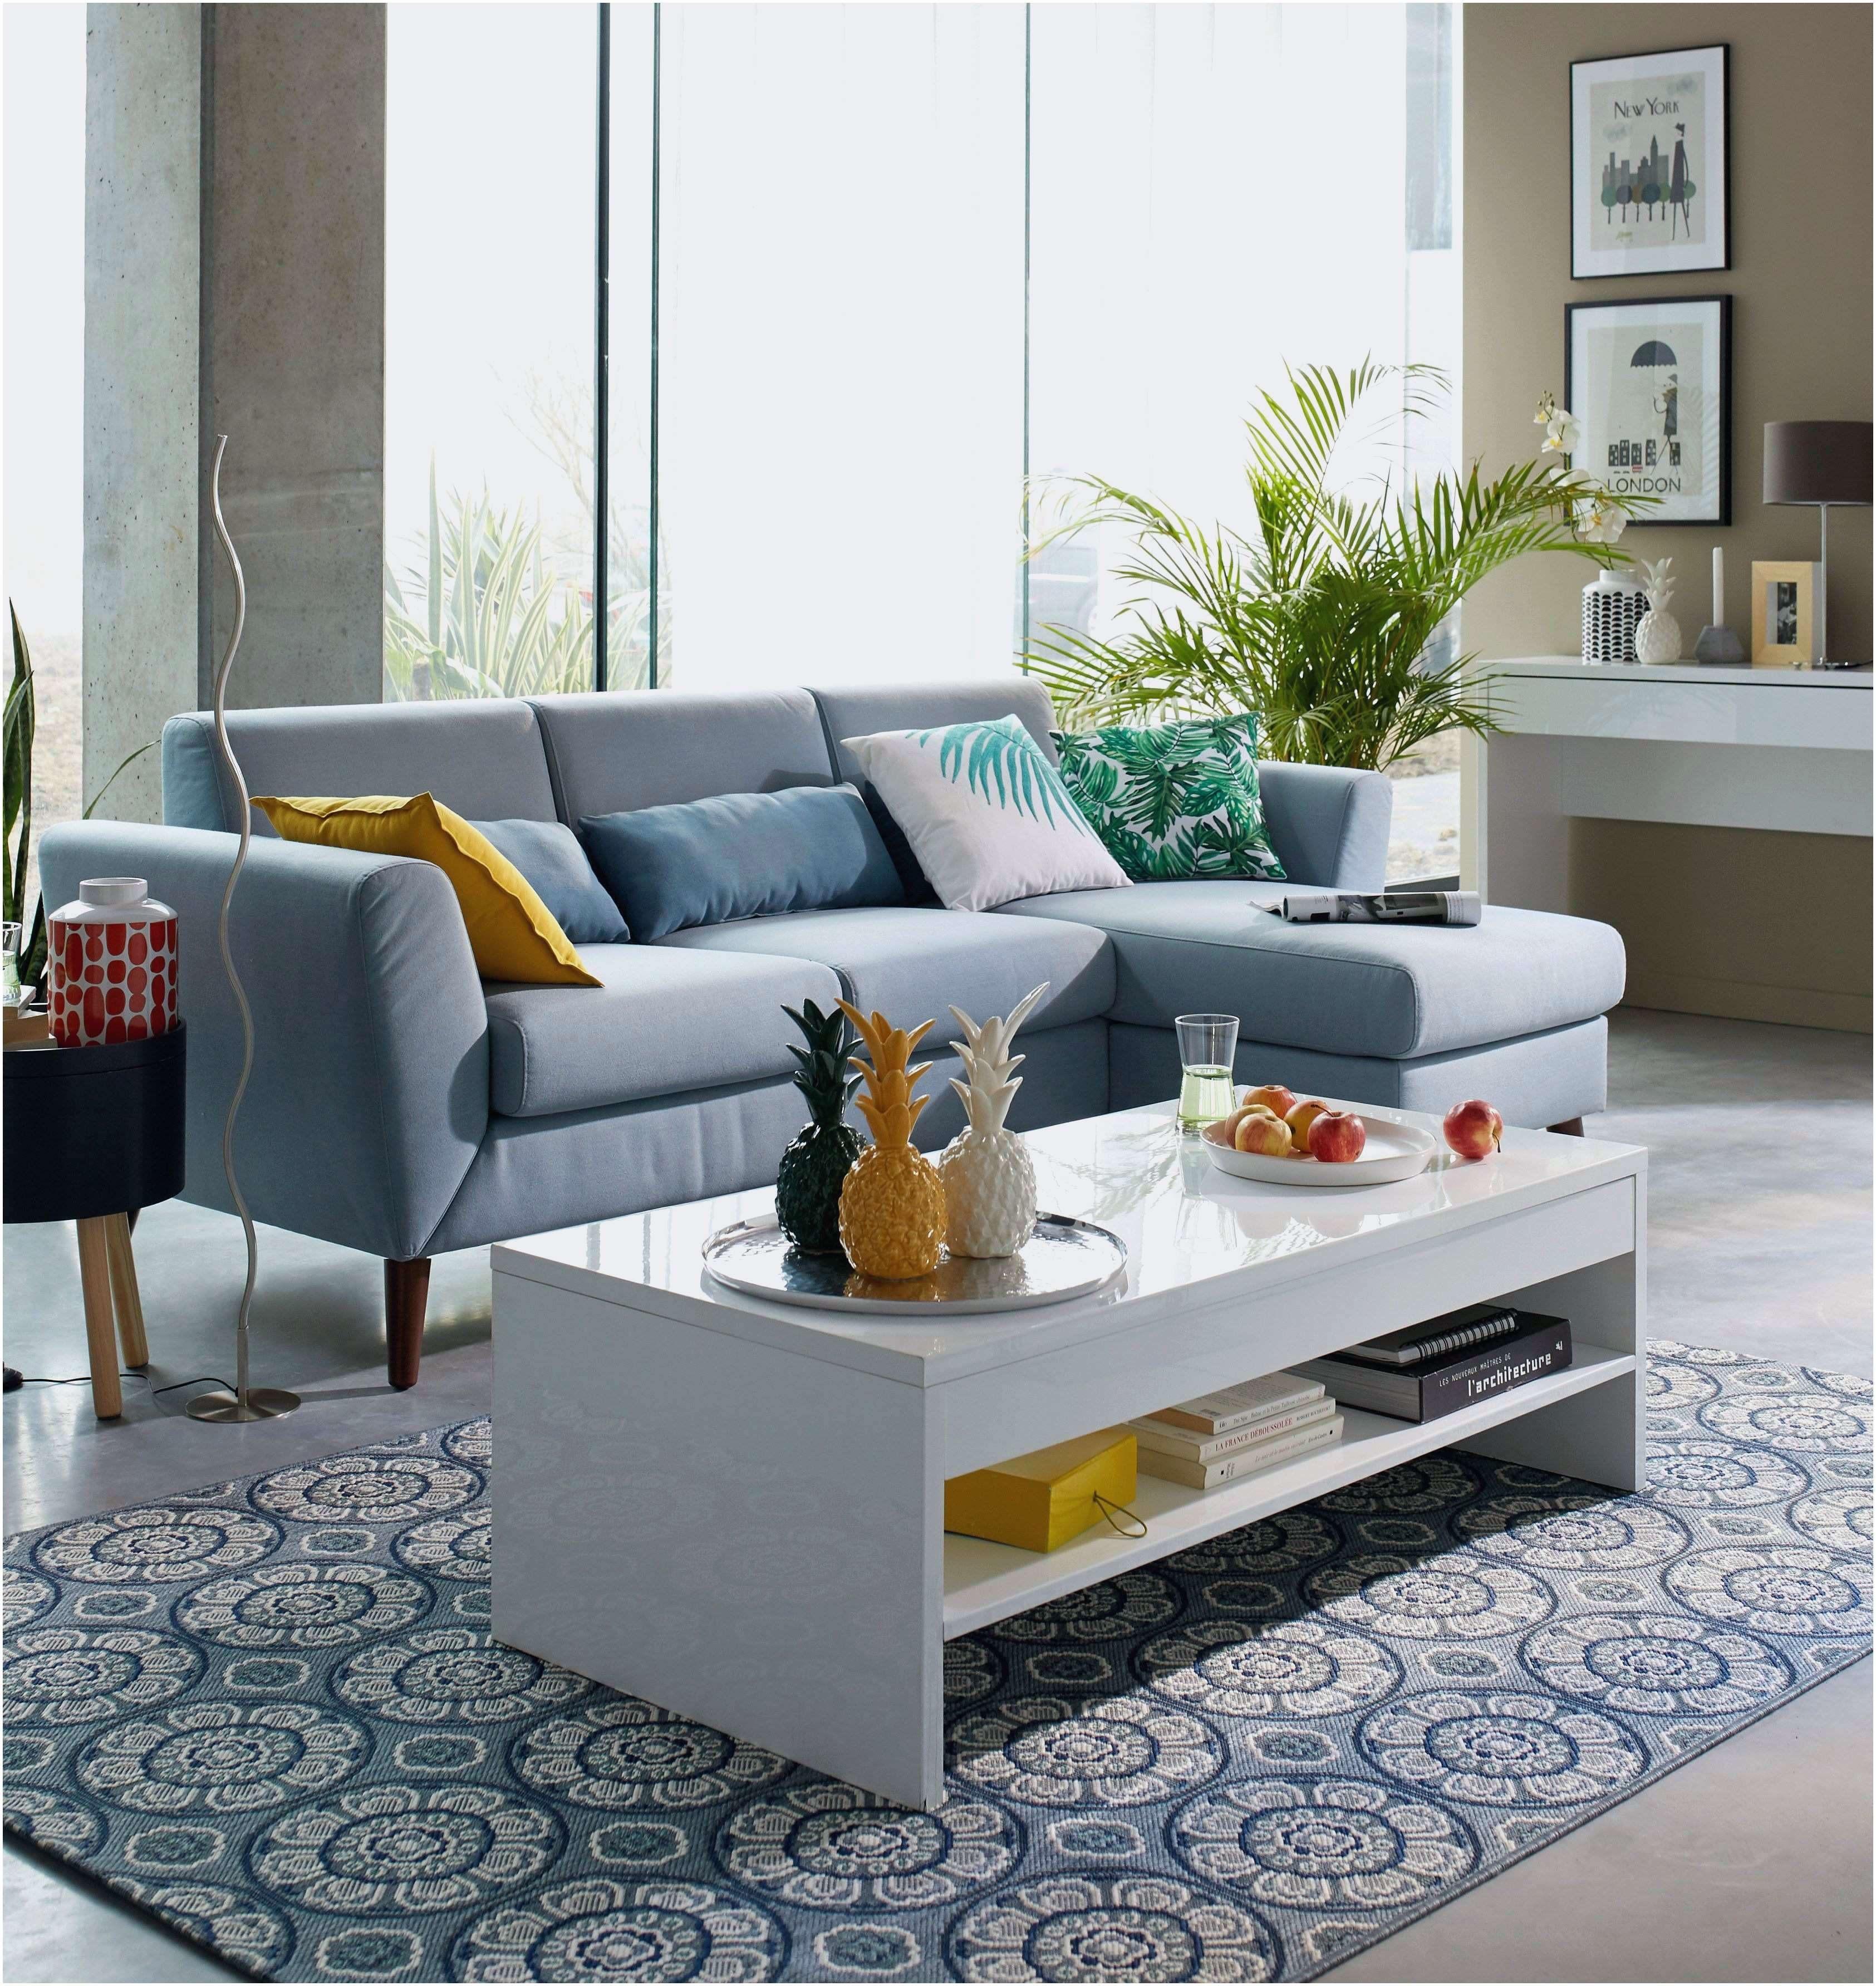 Lit Pliable Ikea Beau Elégant 20 Inspirational Table Blanche Et Bois Pour Alternative Ikea